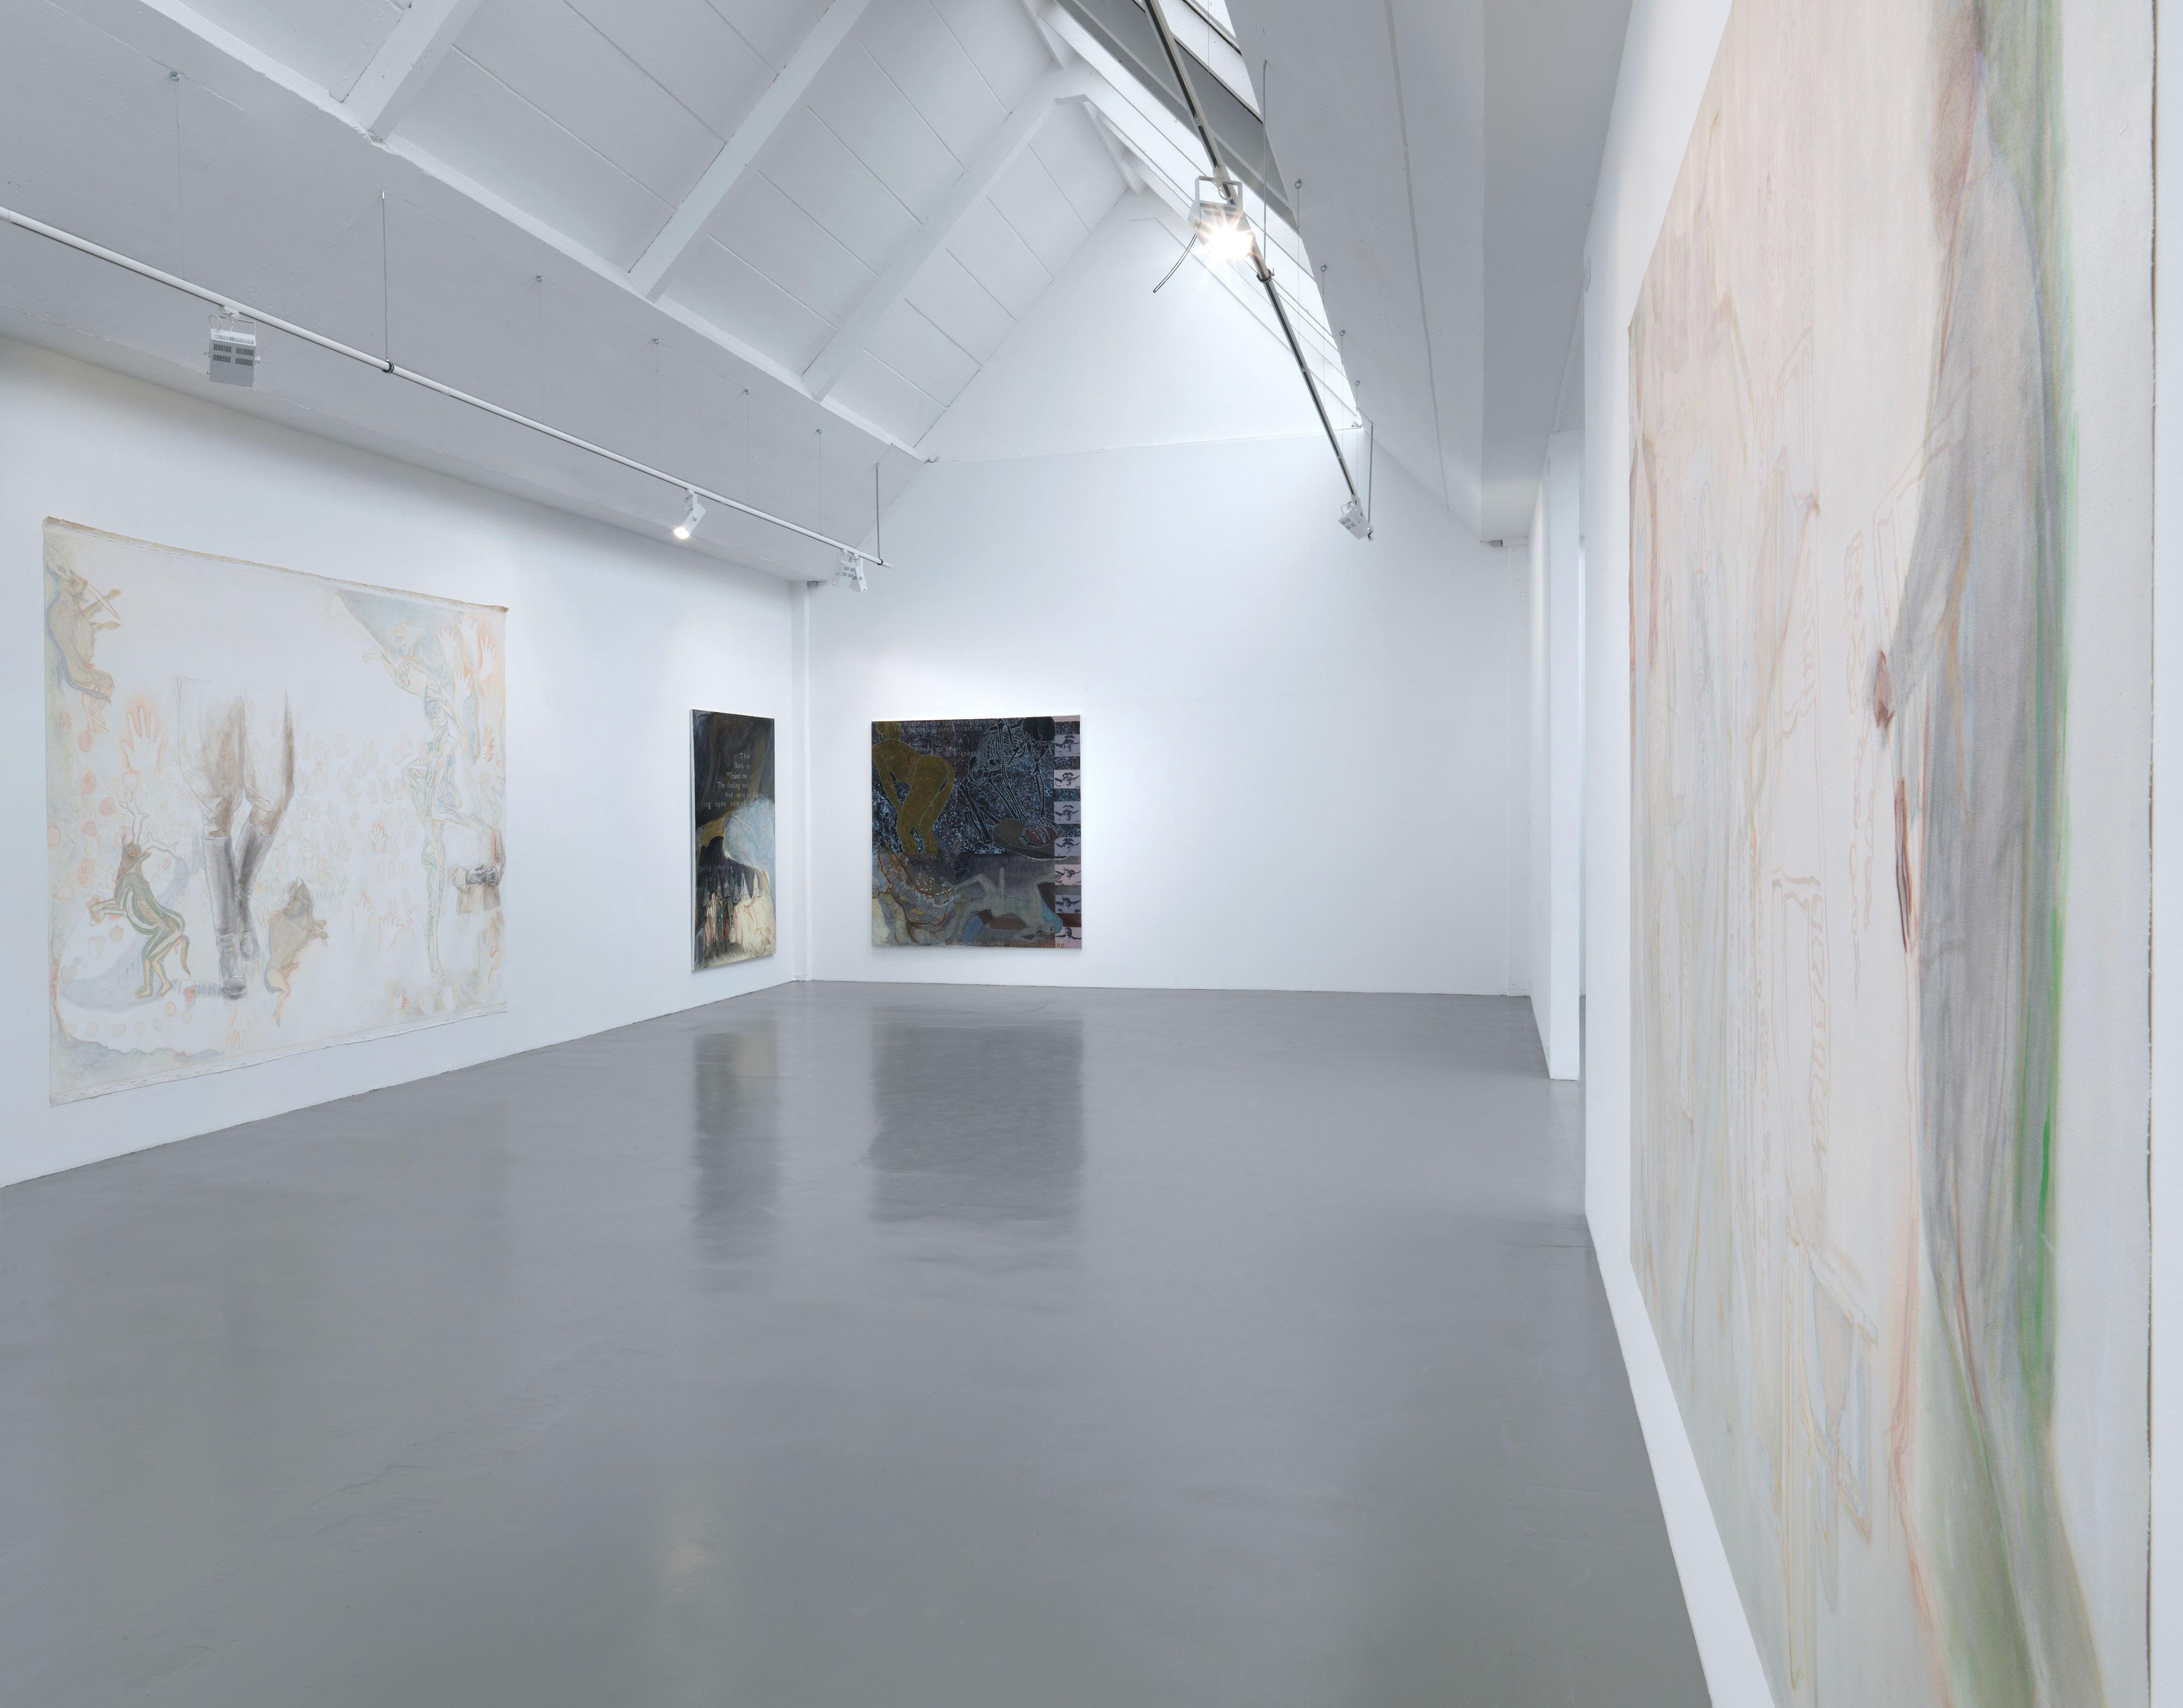 Galerie Barbara Thumm \ Jo Baer – Jo Baer